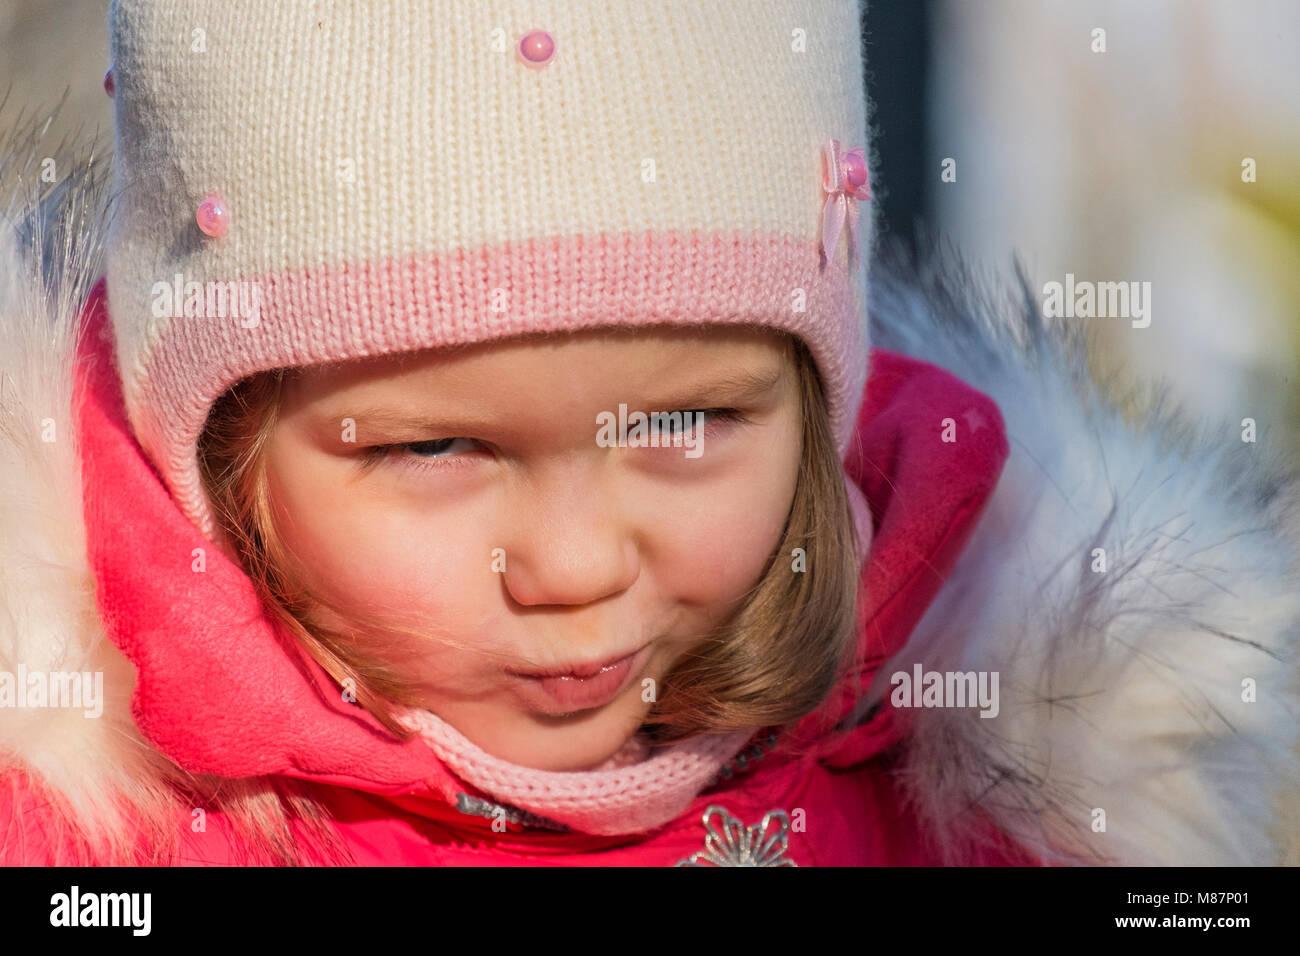 Portrait d'une petite fille dans des vêtements d'hiver Photo Stock